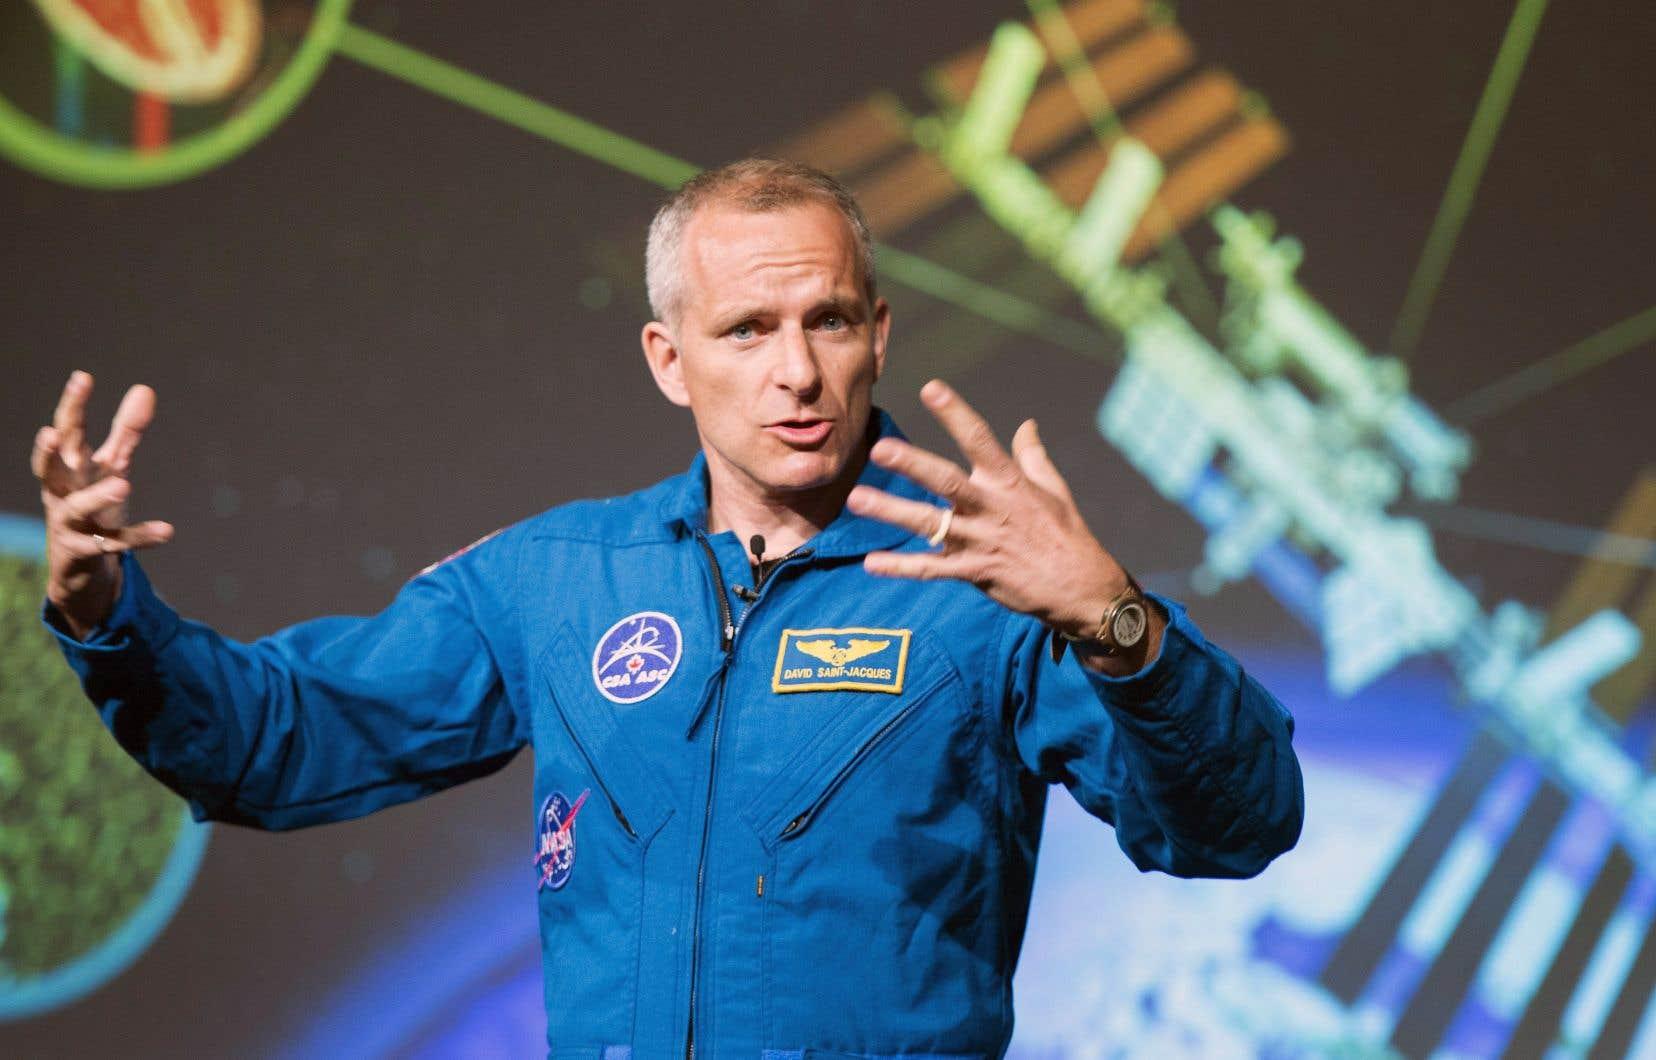 L'astronaute David Saint-Jacques a rencontré la presse, mercredi à Saint-Hubert, pour expliquer les expériences qu'il mènera dans la Station spatiale internationale.